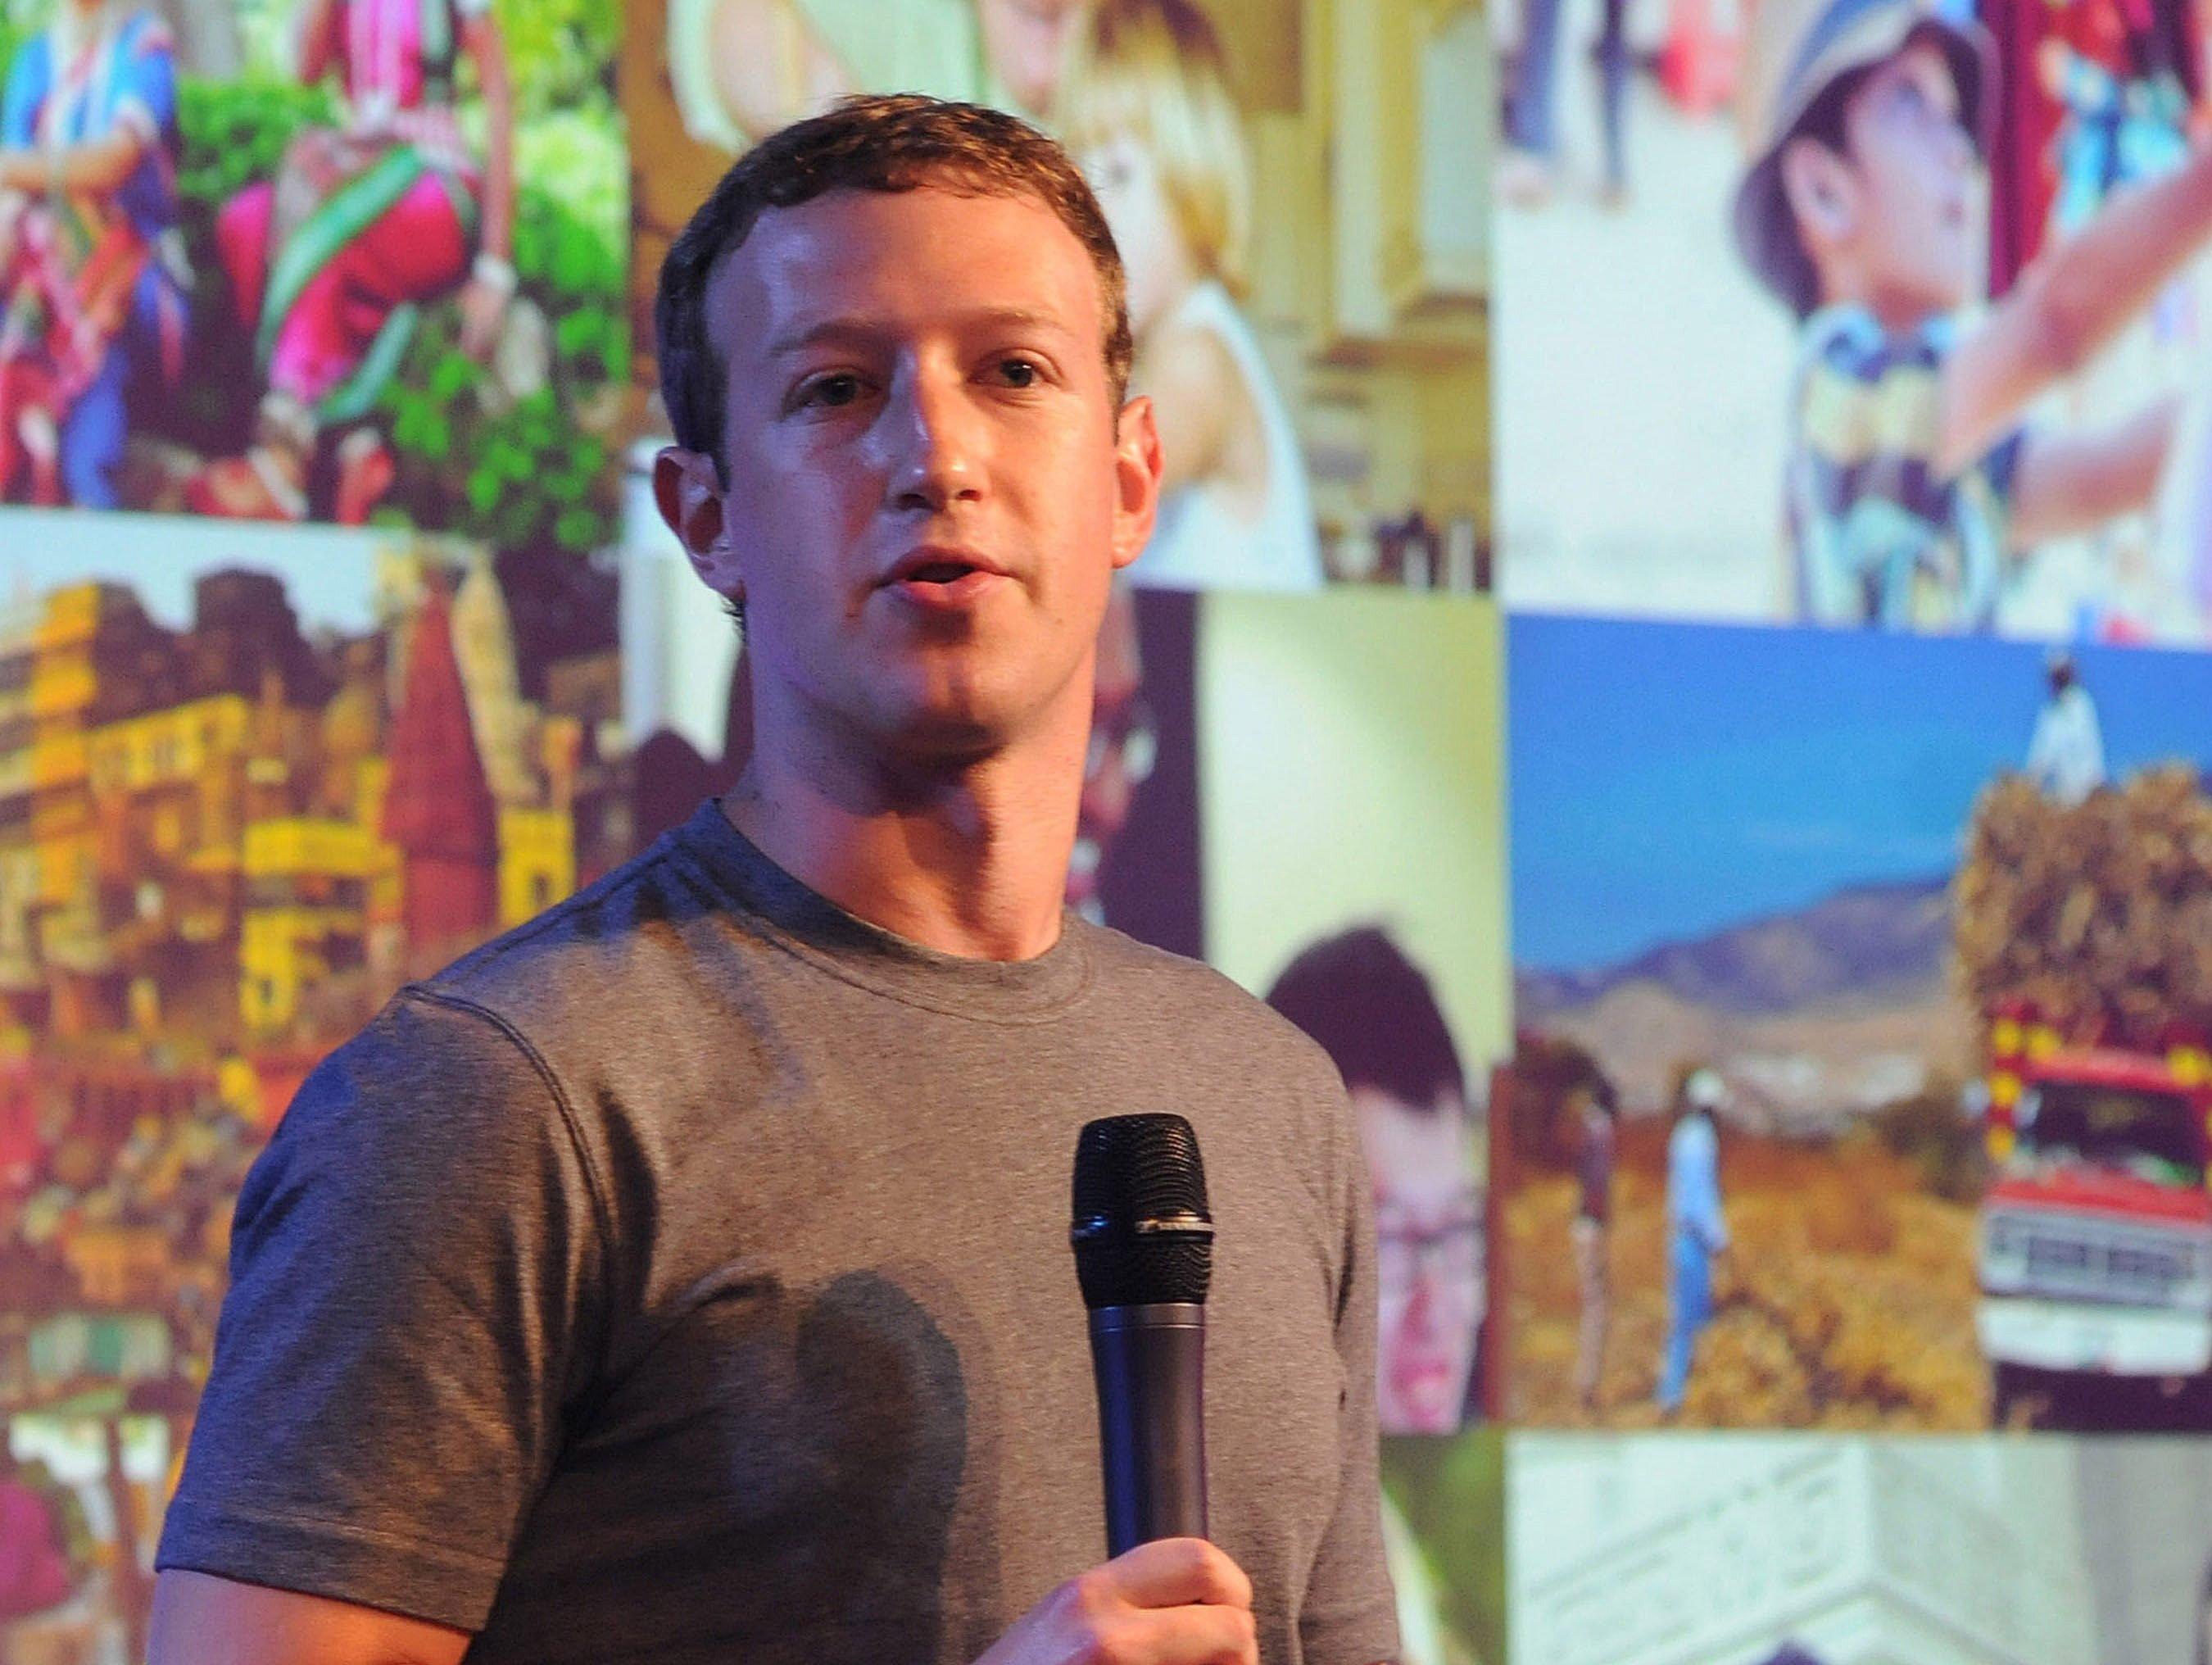 Facebook-Gründer MarkZuckerberg auf einem Internettreffen Anfang Oktober in Neu Delhi: Jetzt wirbt Zuckerberg bei Internetnutzern um Vertrauen, die per Tor-Netzwerk anonym im Internet unterwegs sind.